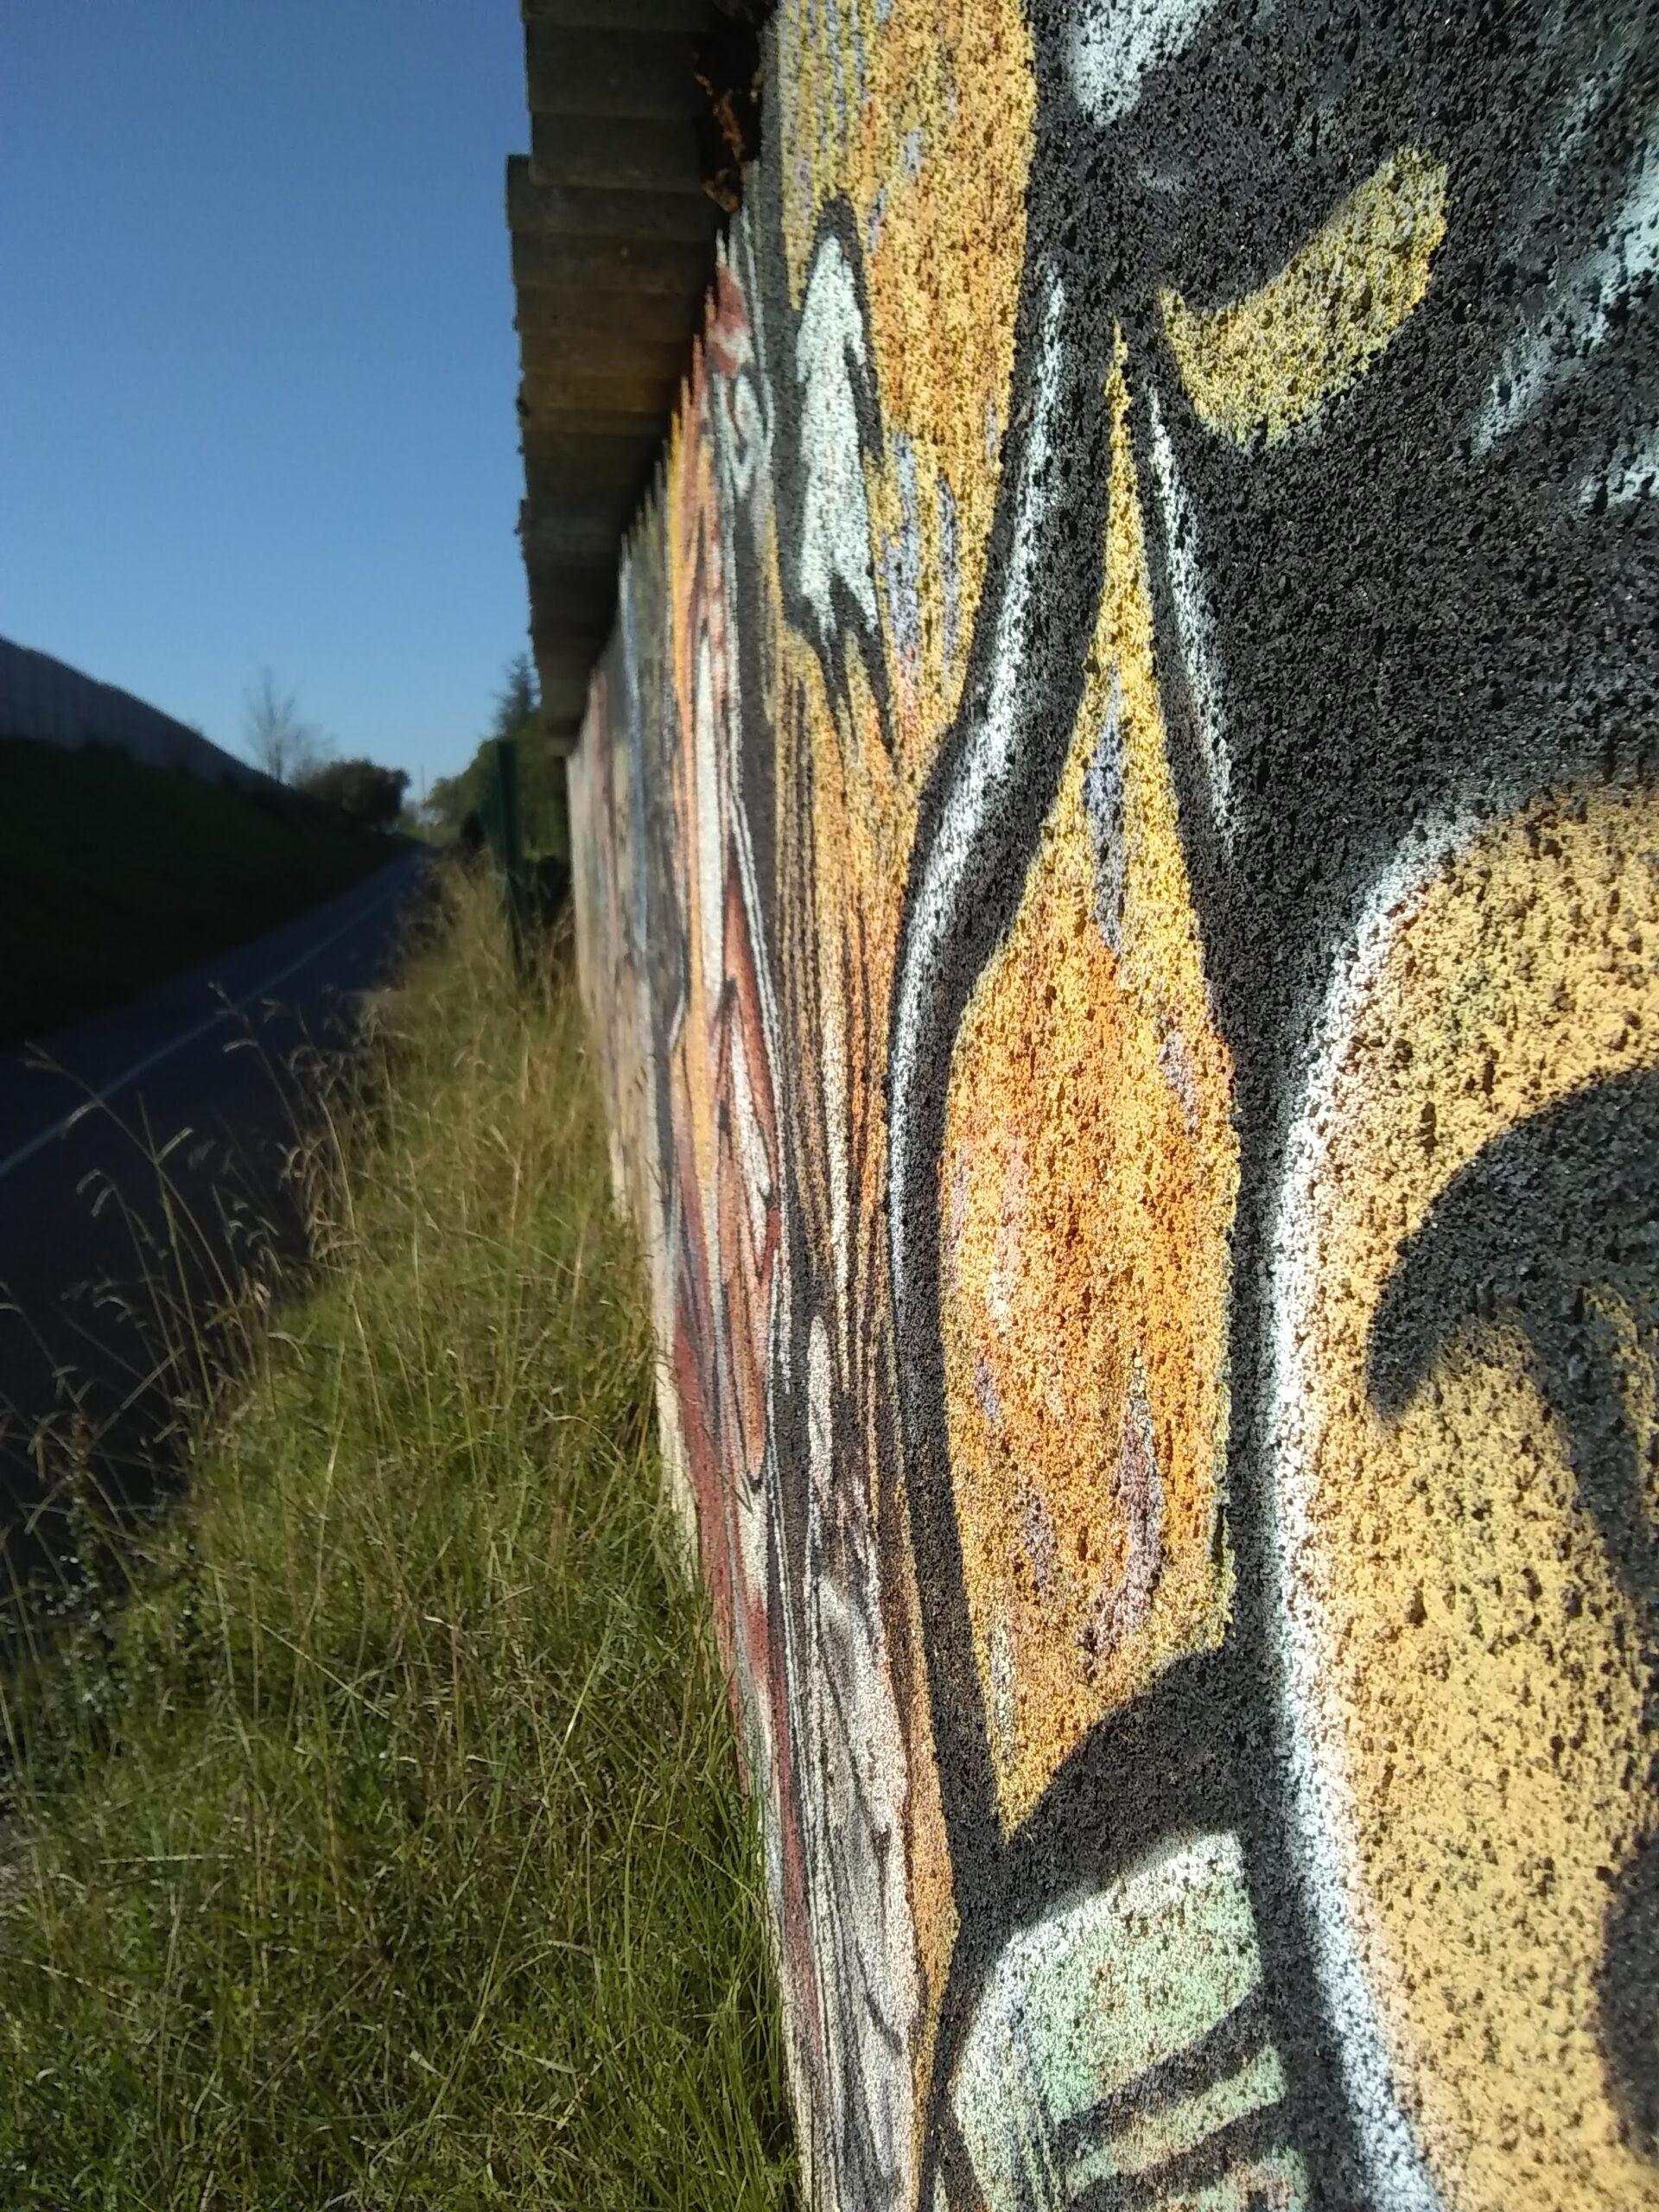 Photo prise le long d'un mur graffé. On perçoit la texture du béton, rigide, dur et sa surface pleine de petits trous.